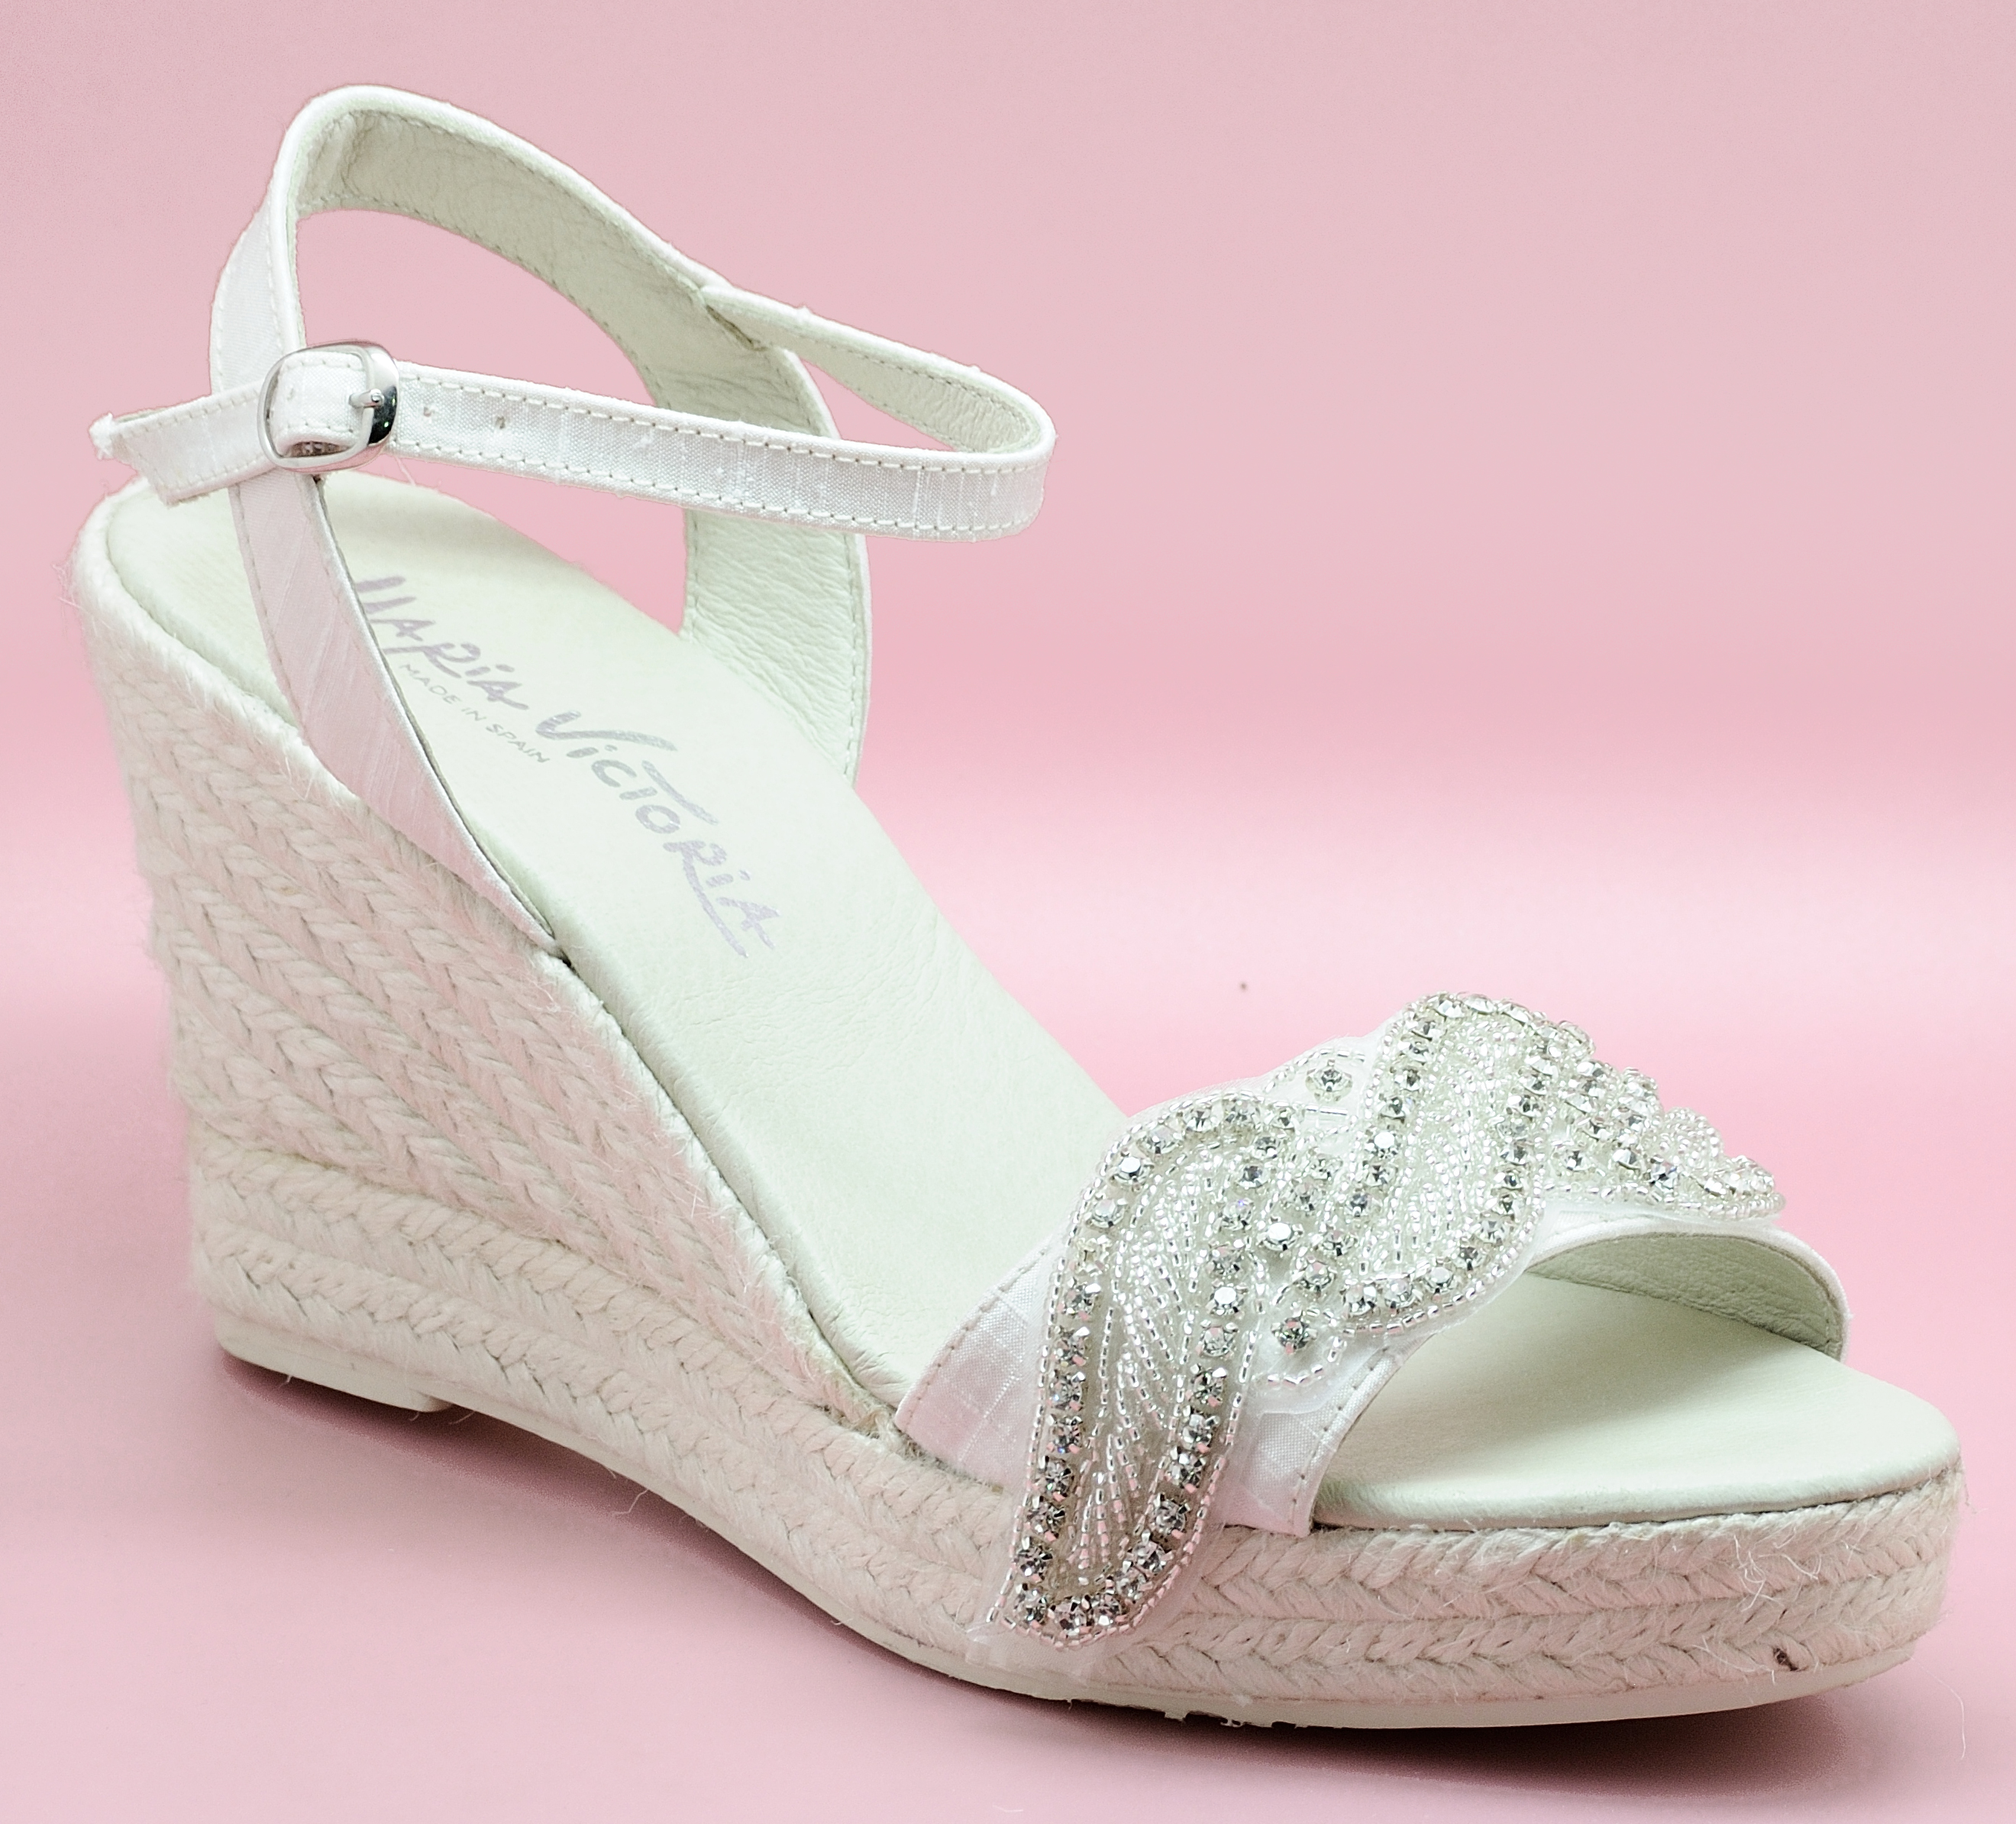 Zapatos de novia cómodos - Modelo Seda Pedrería 2